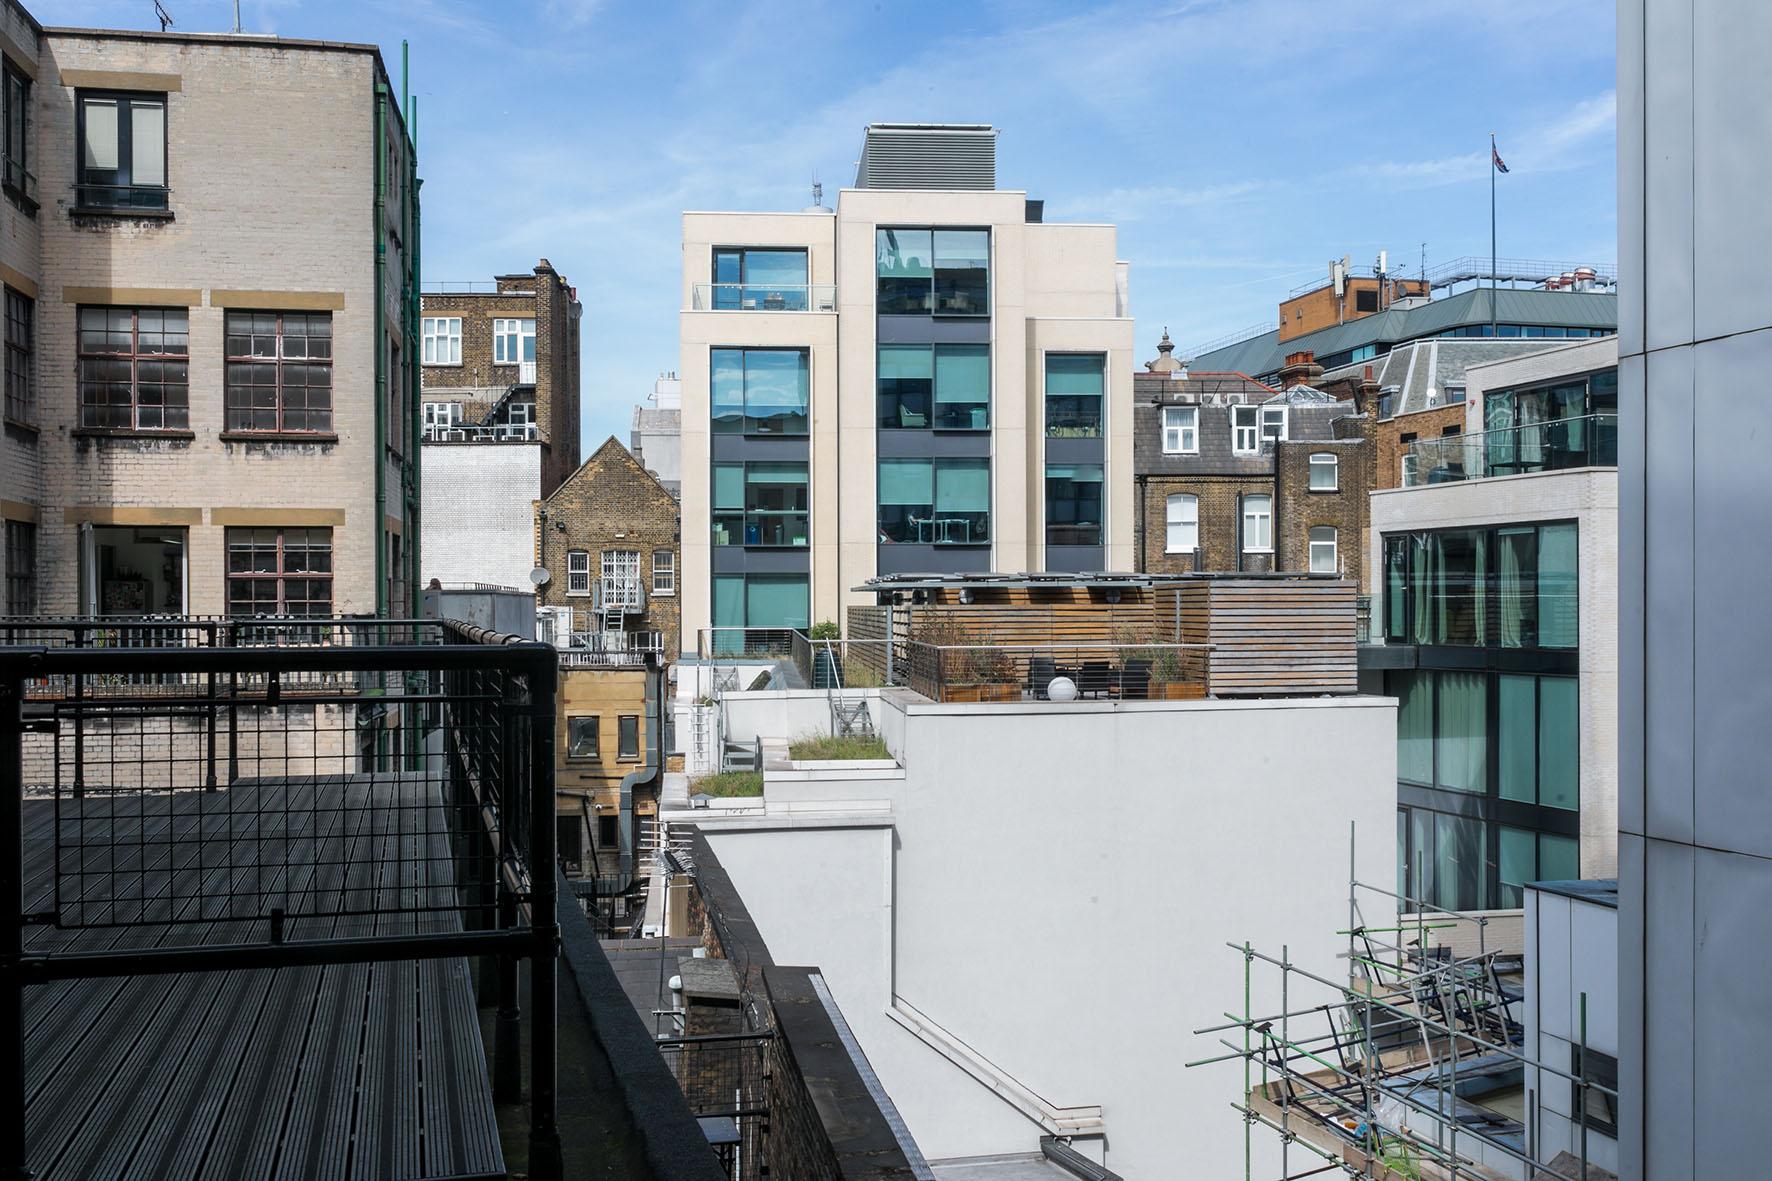 Lovelydays luxury service apartment rental - London - Soho - Oxford Street V - Lovelysuite - 1 bedrooms - 1 bathrooms - Exterior - 3e2cfbf68e17 - Lovelydays